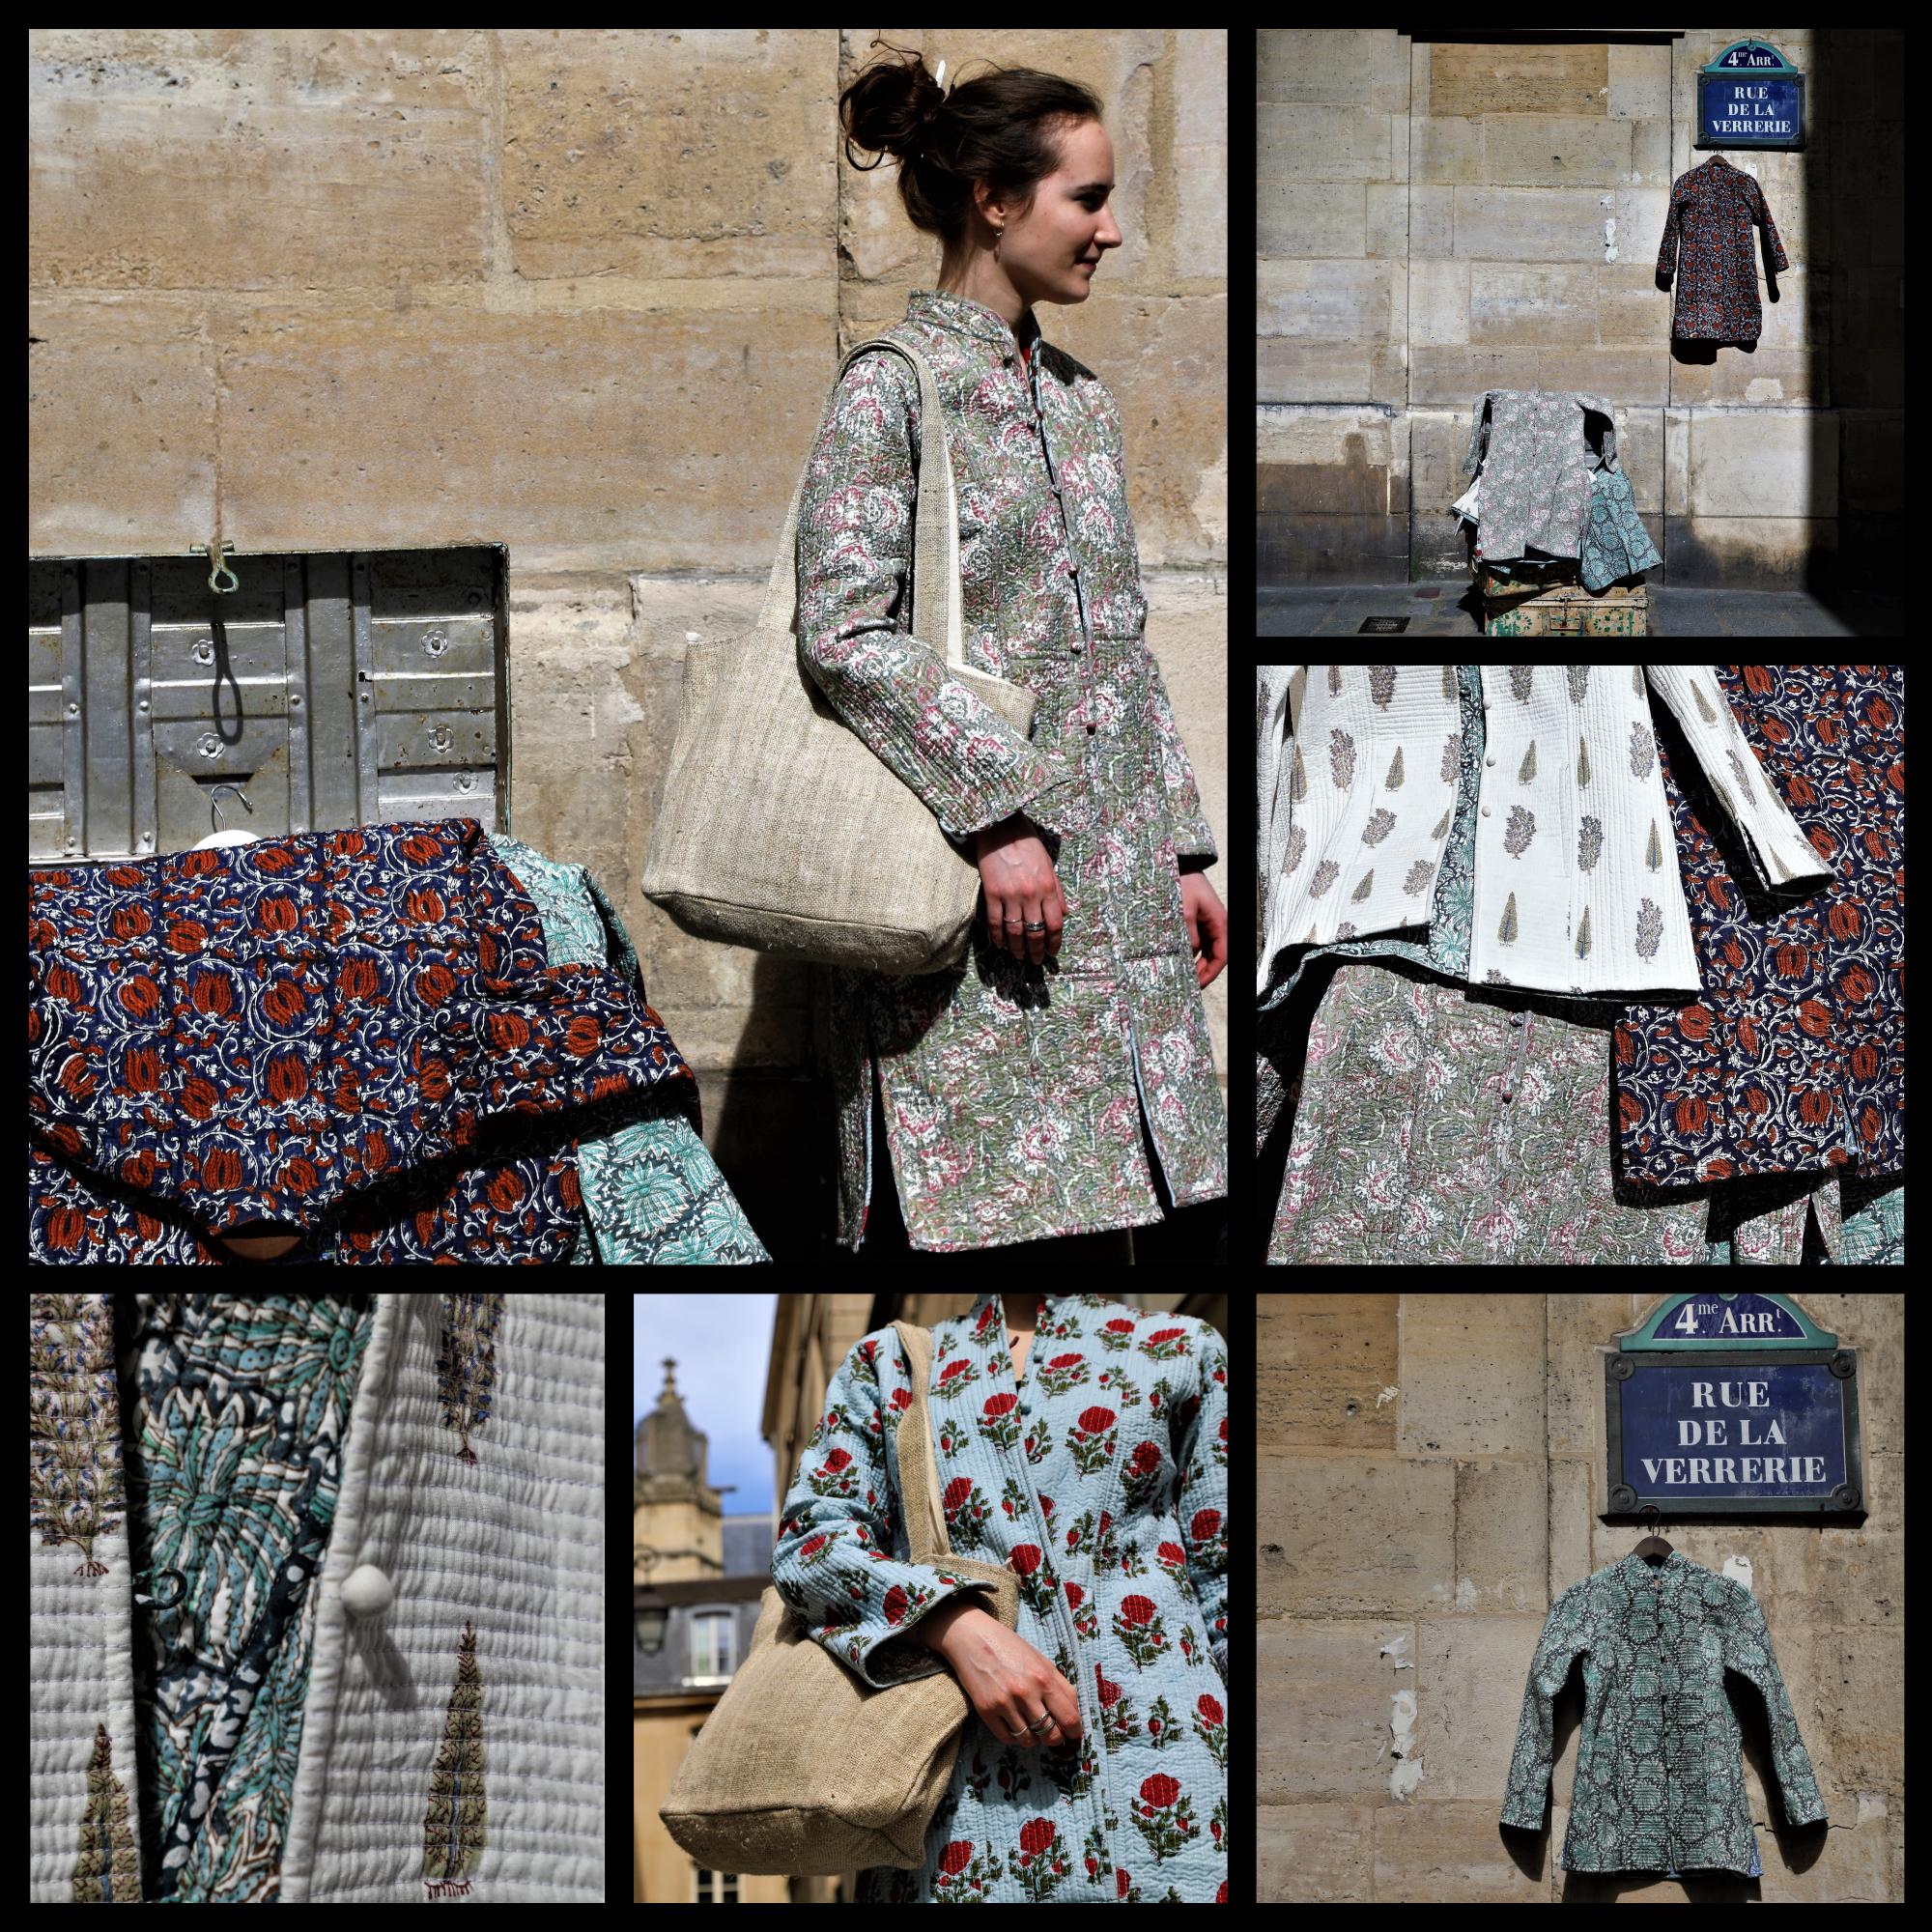 veste matelassée, soie recyclée